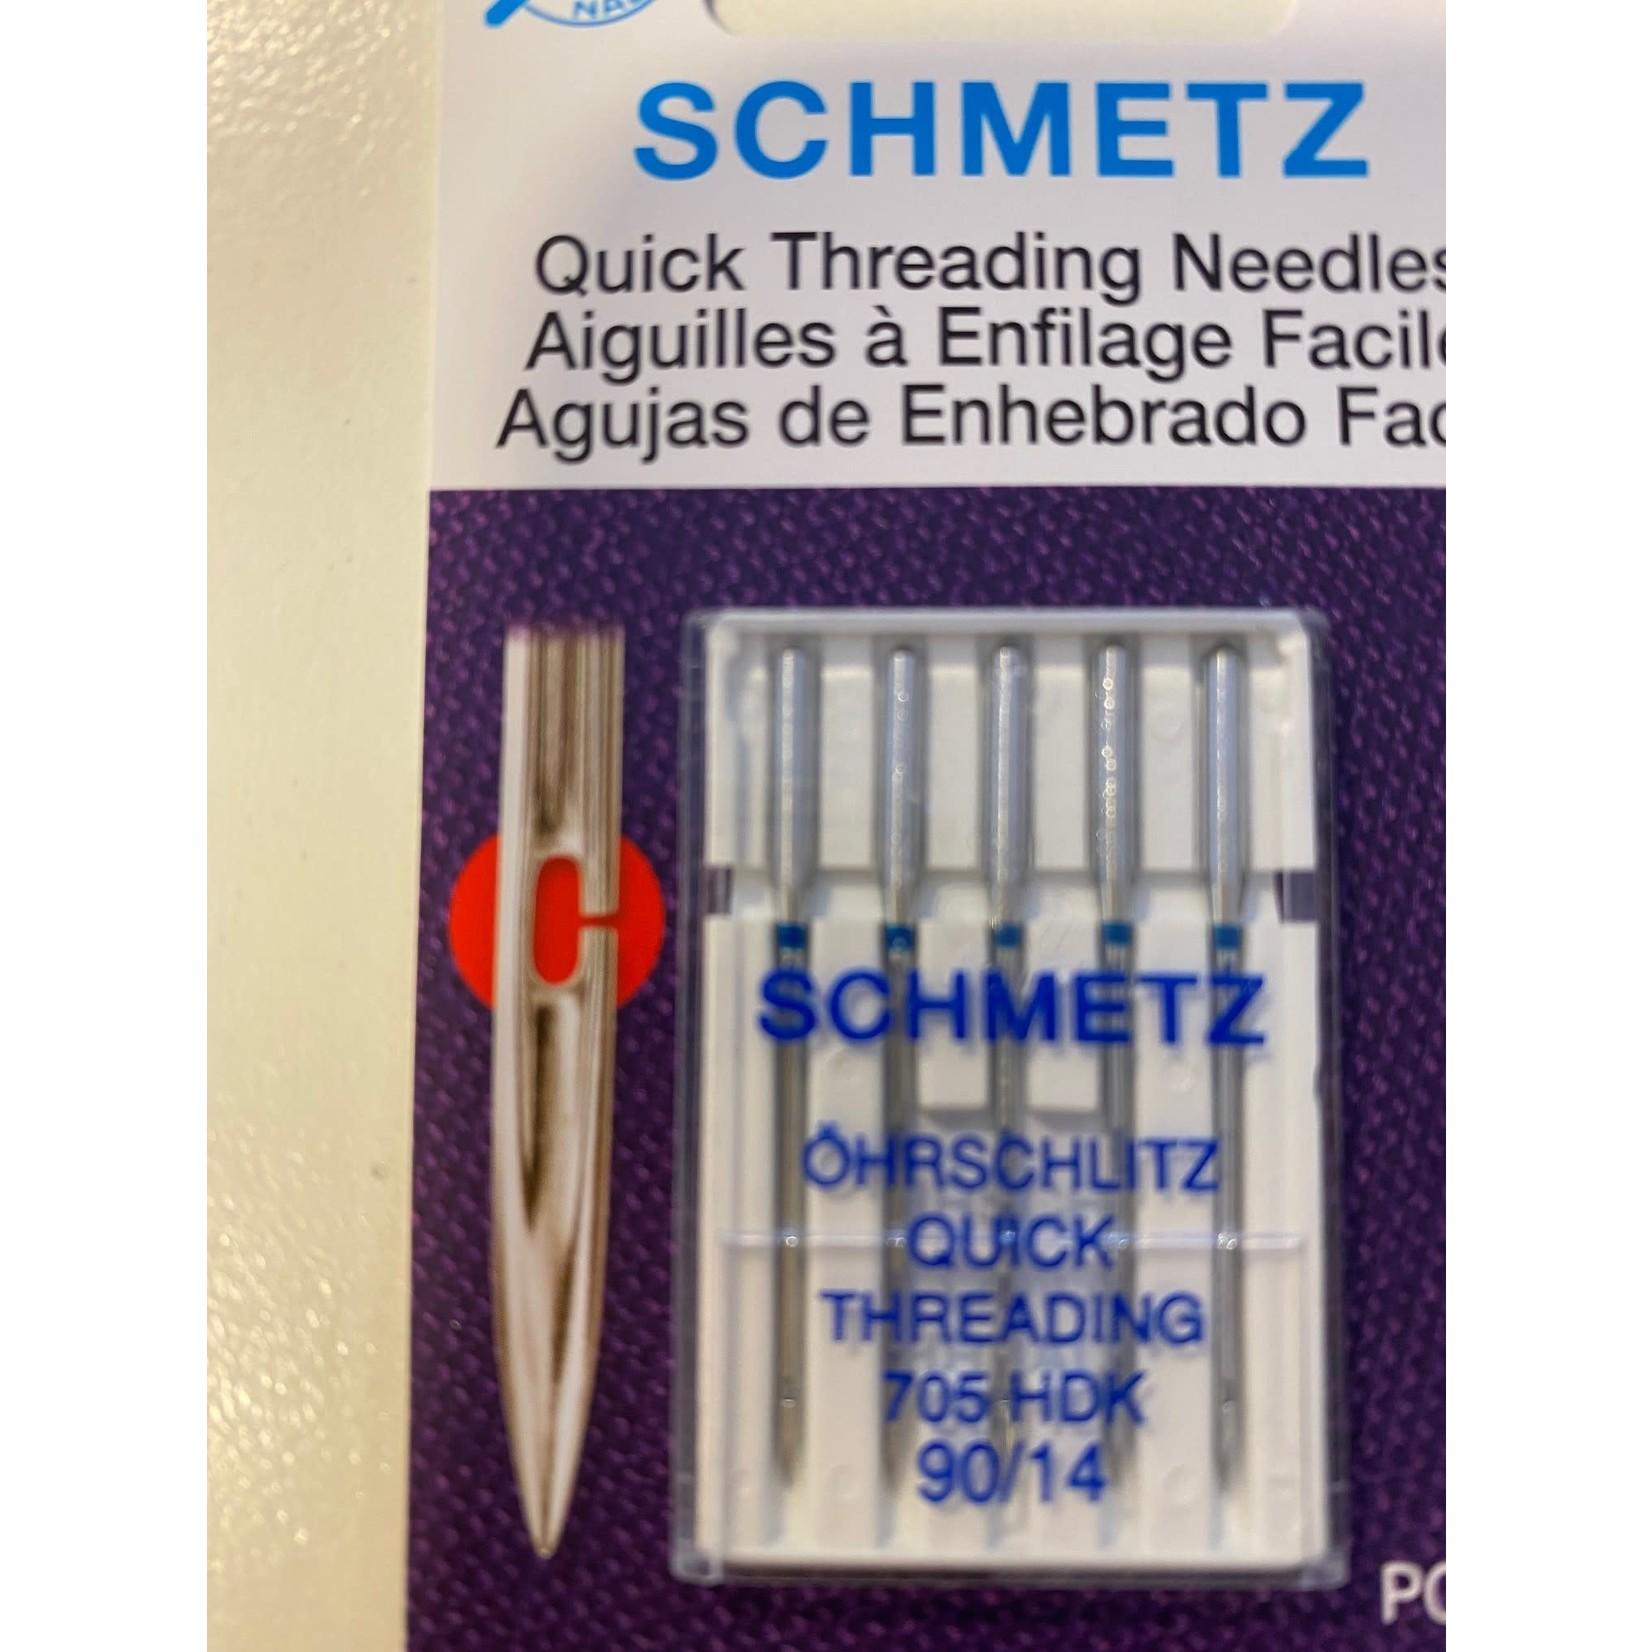 Schmetz Naaimachinenaalden - Quick Threading Needles - 90/14 - 5 stuks